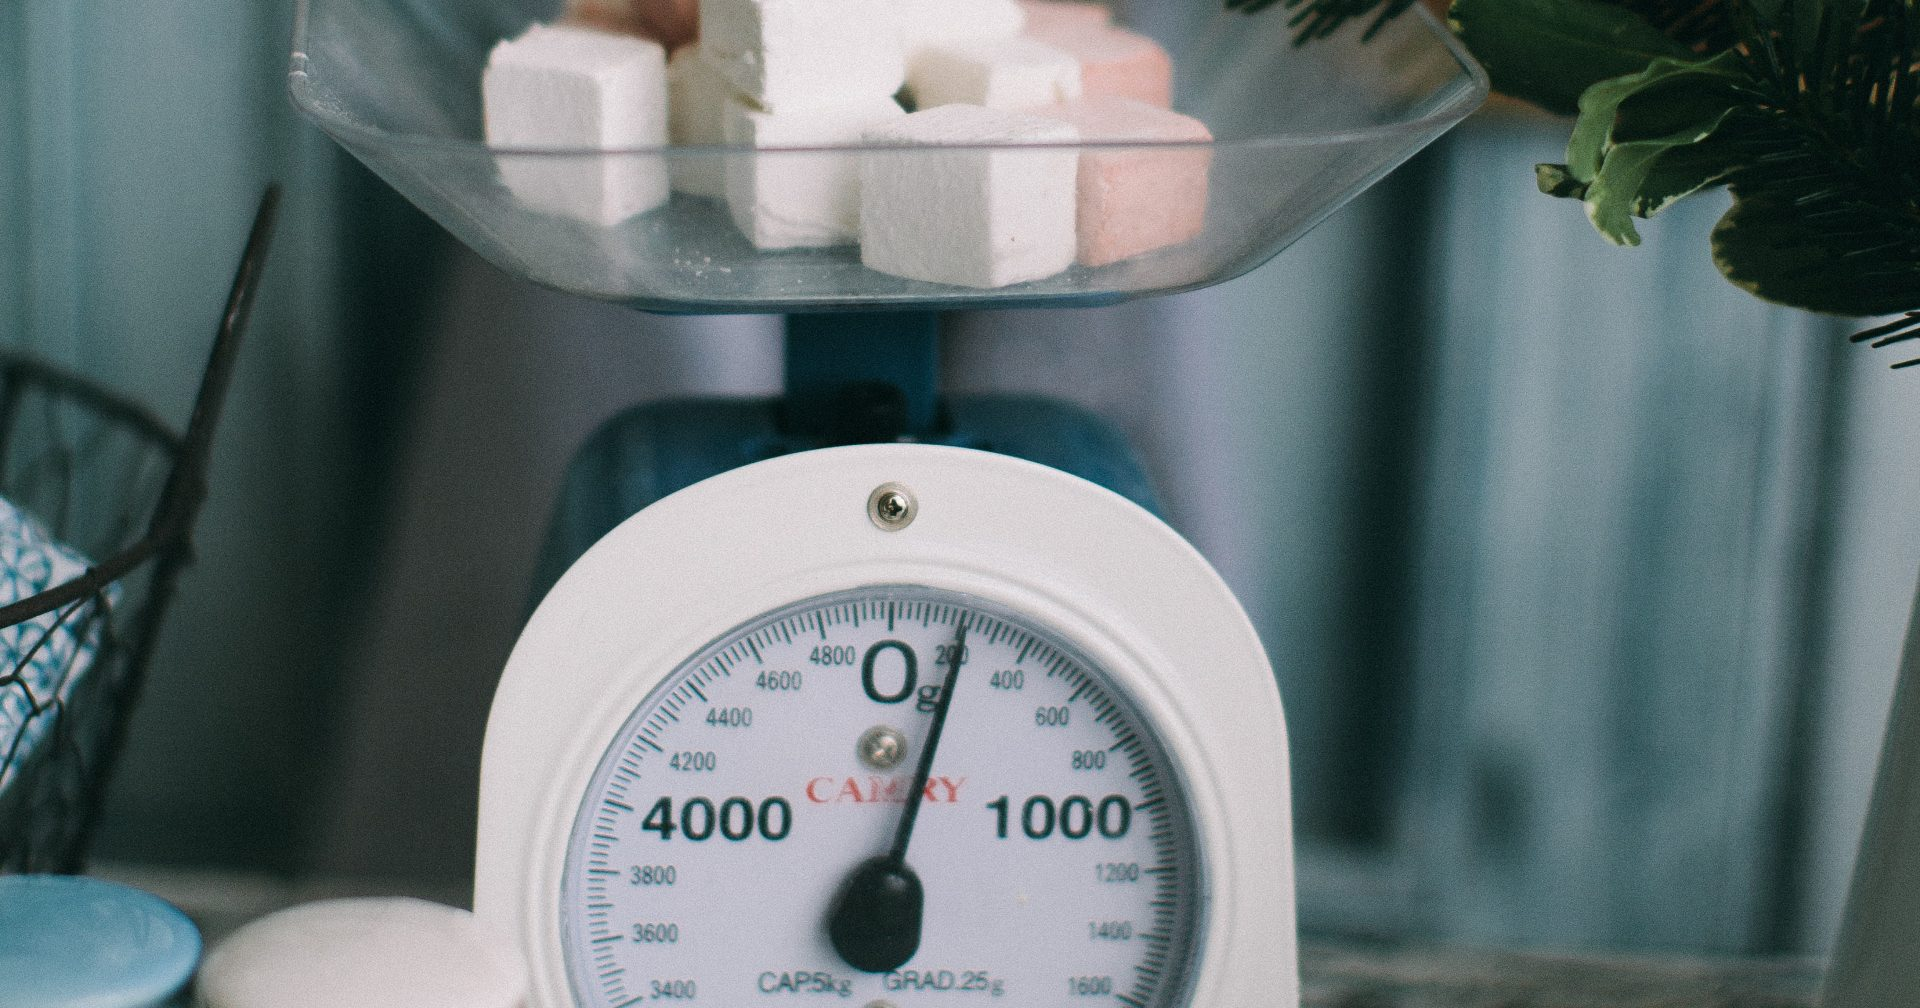 Conteggio calorie